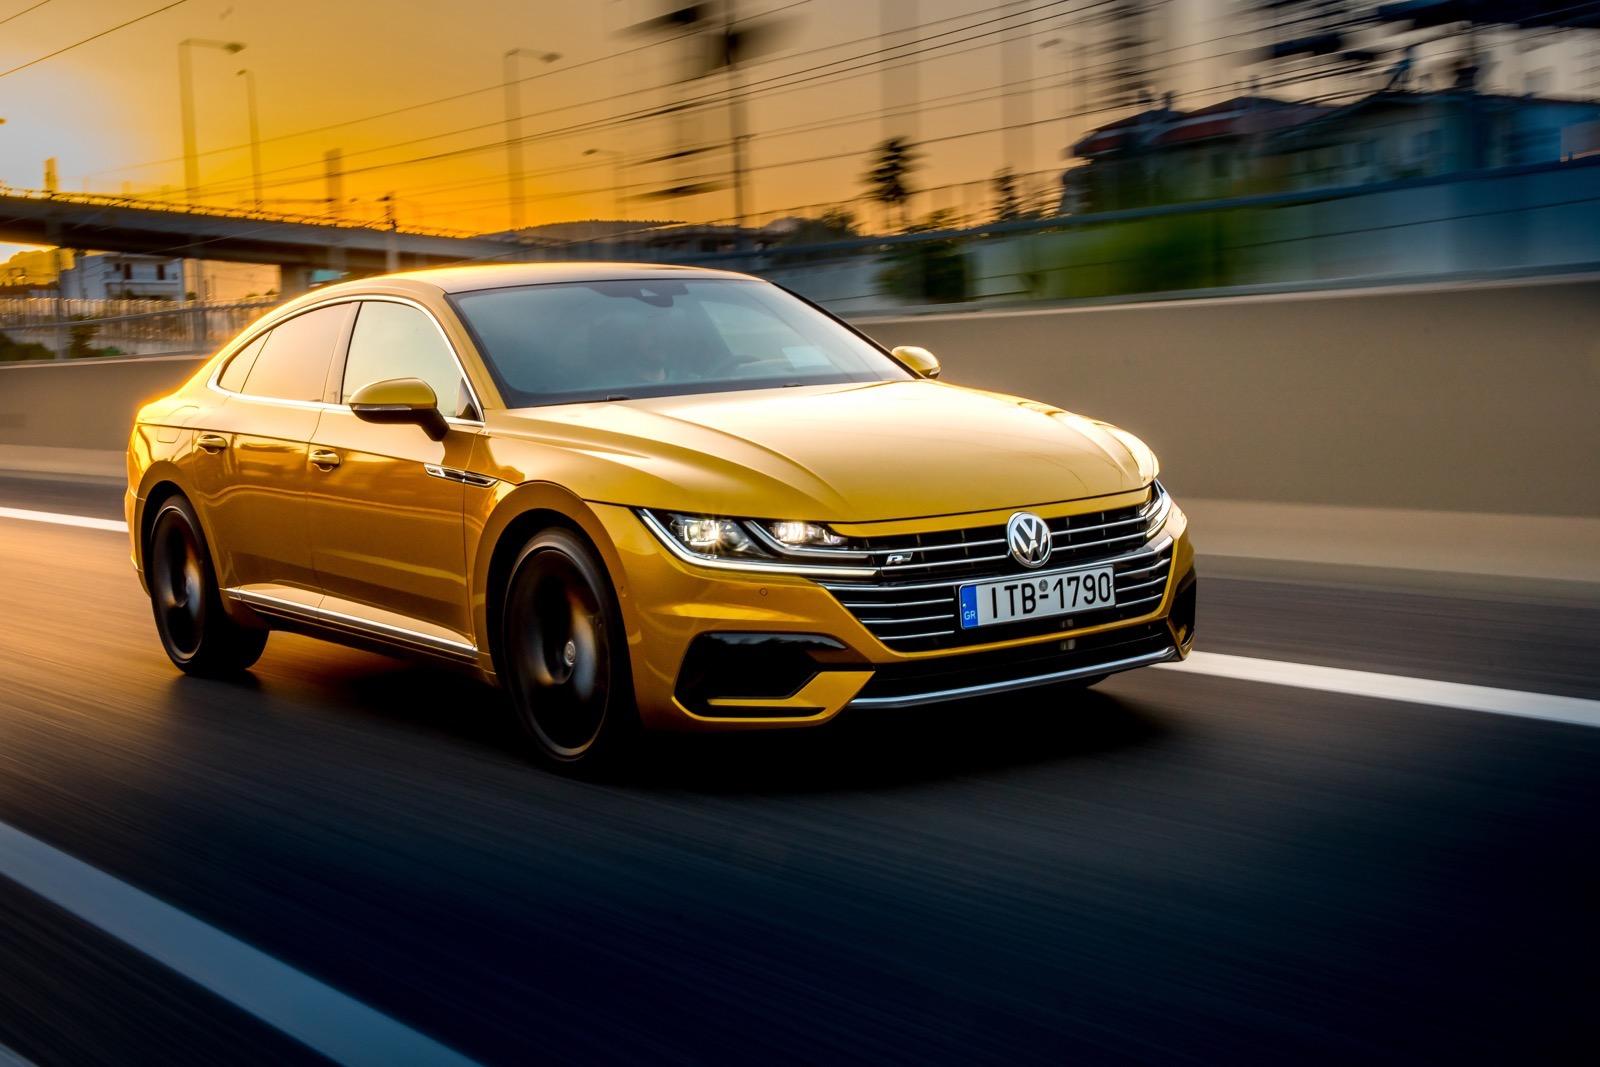 Volkswagen_Arteon_Greek_Presentataion_14